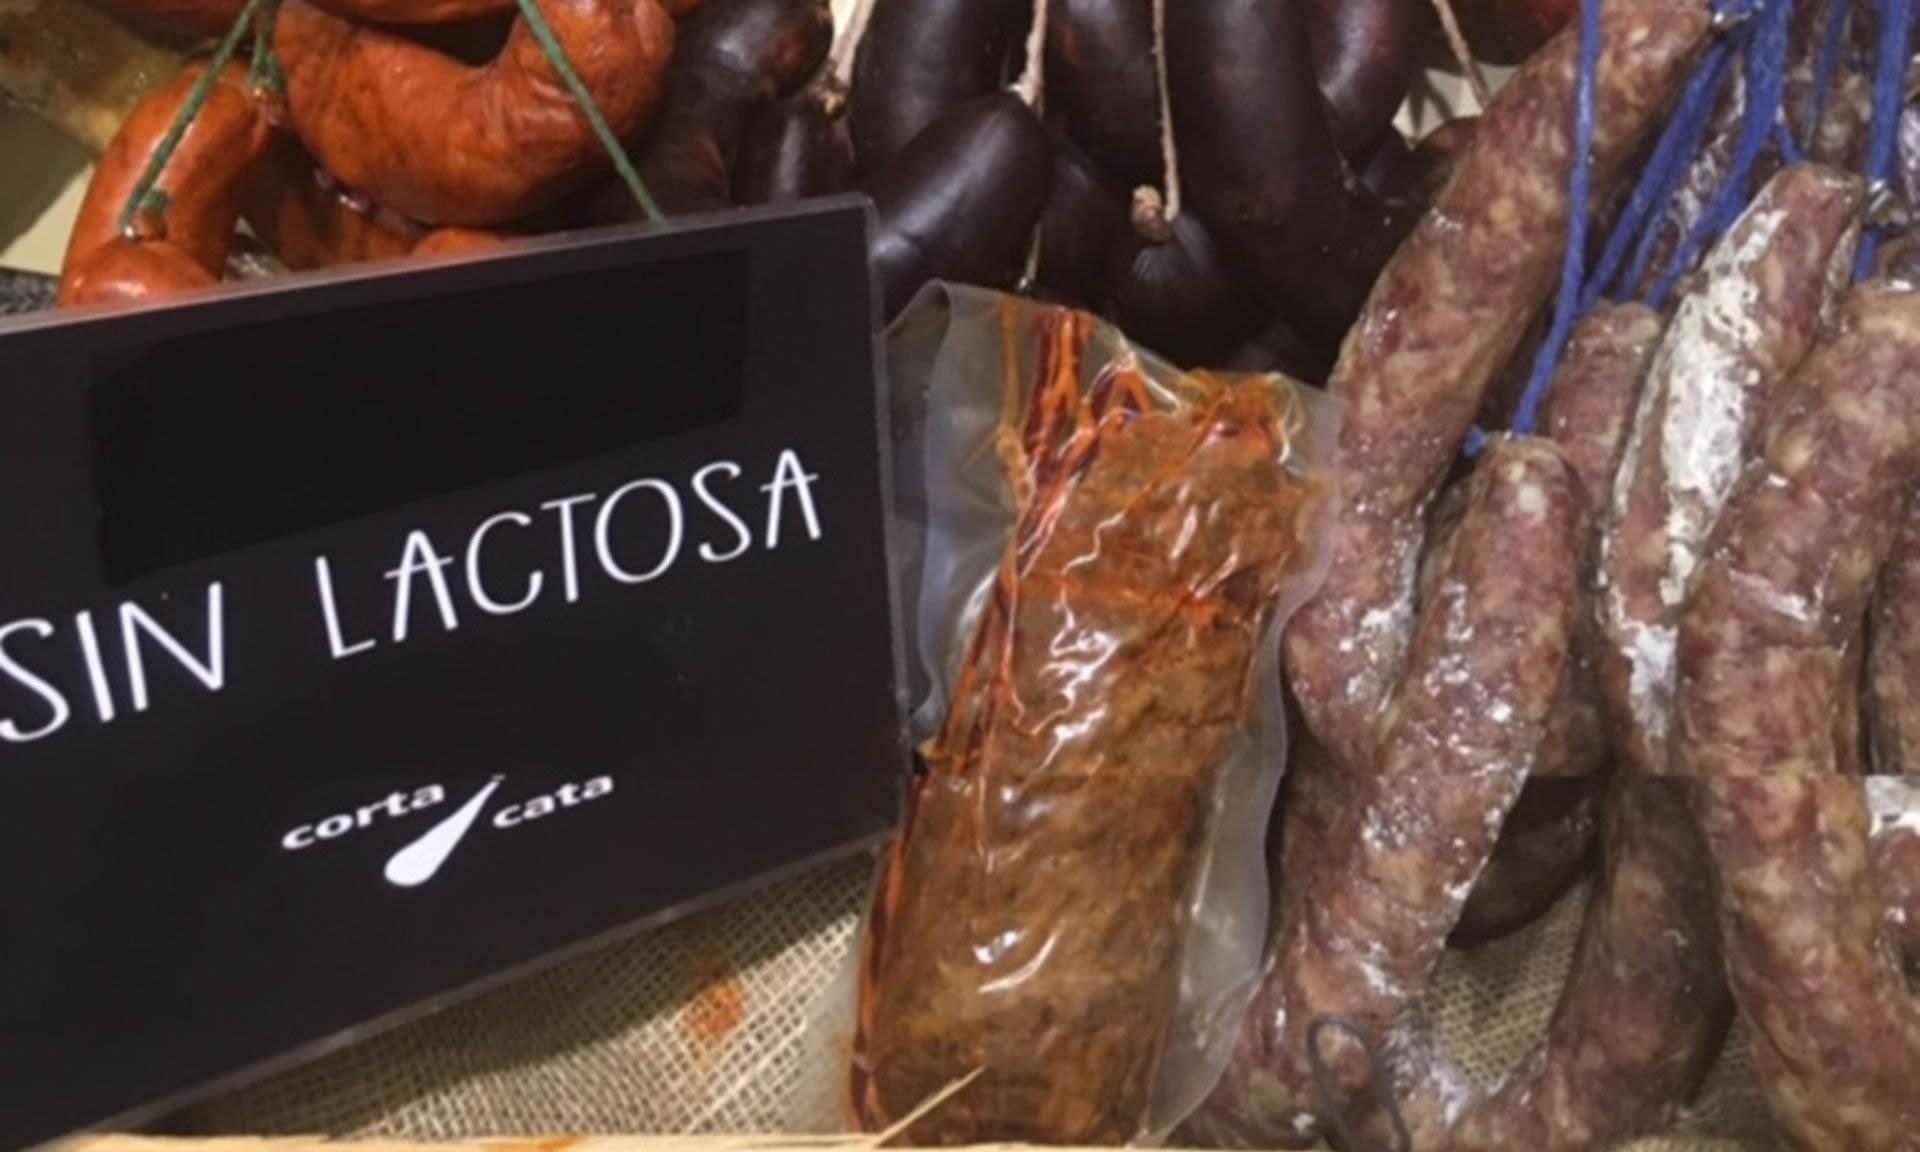 Productos sin lactosa | Corta y Cata